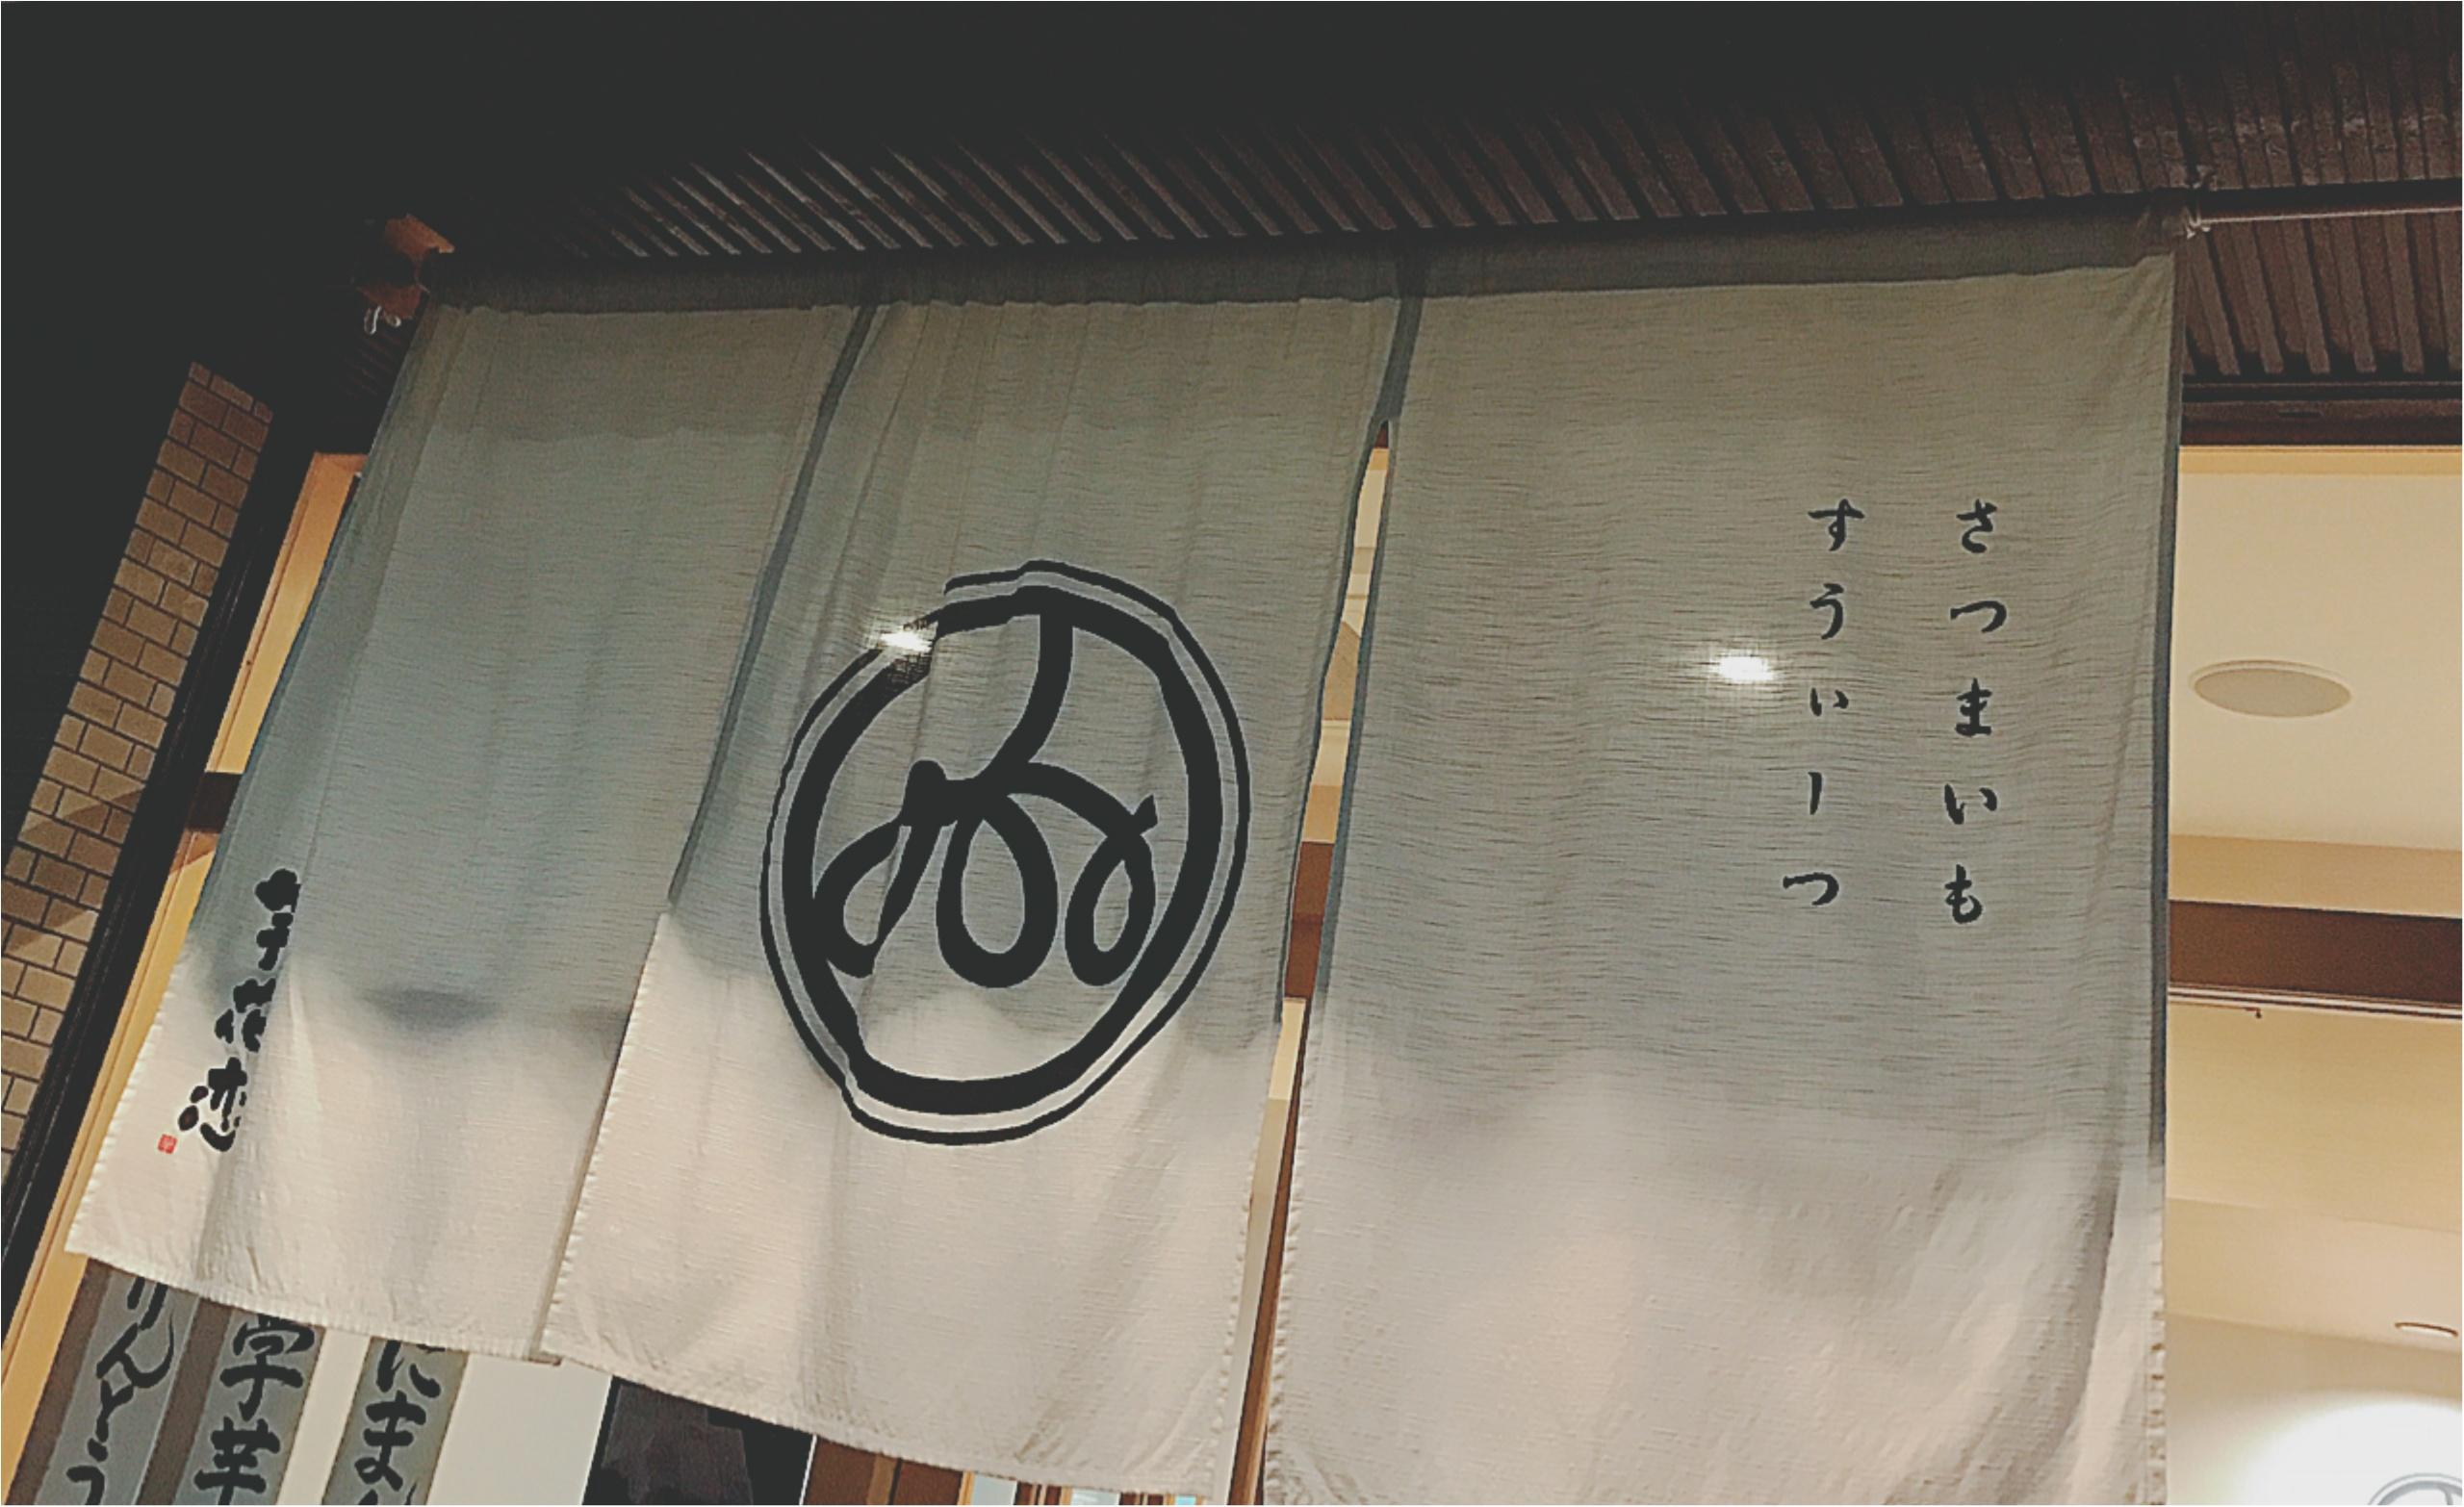 ★お芋好き必見!名古屋のさつま芋スイーツ宝庫はココ!『芋花恋』は行くべきスポットで間違いなし★_2